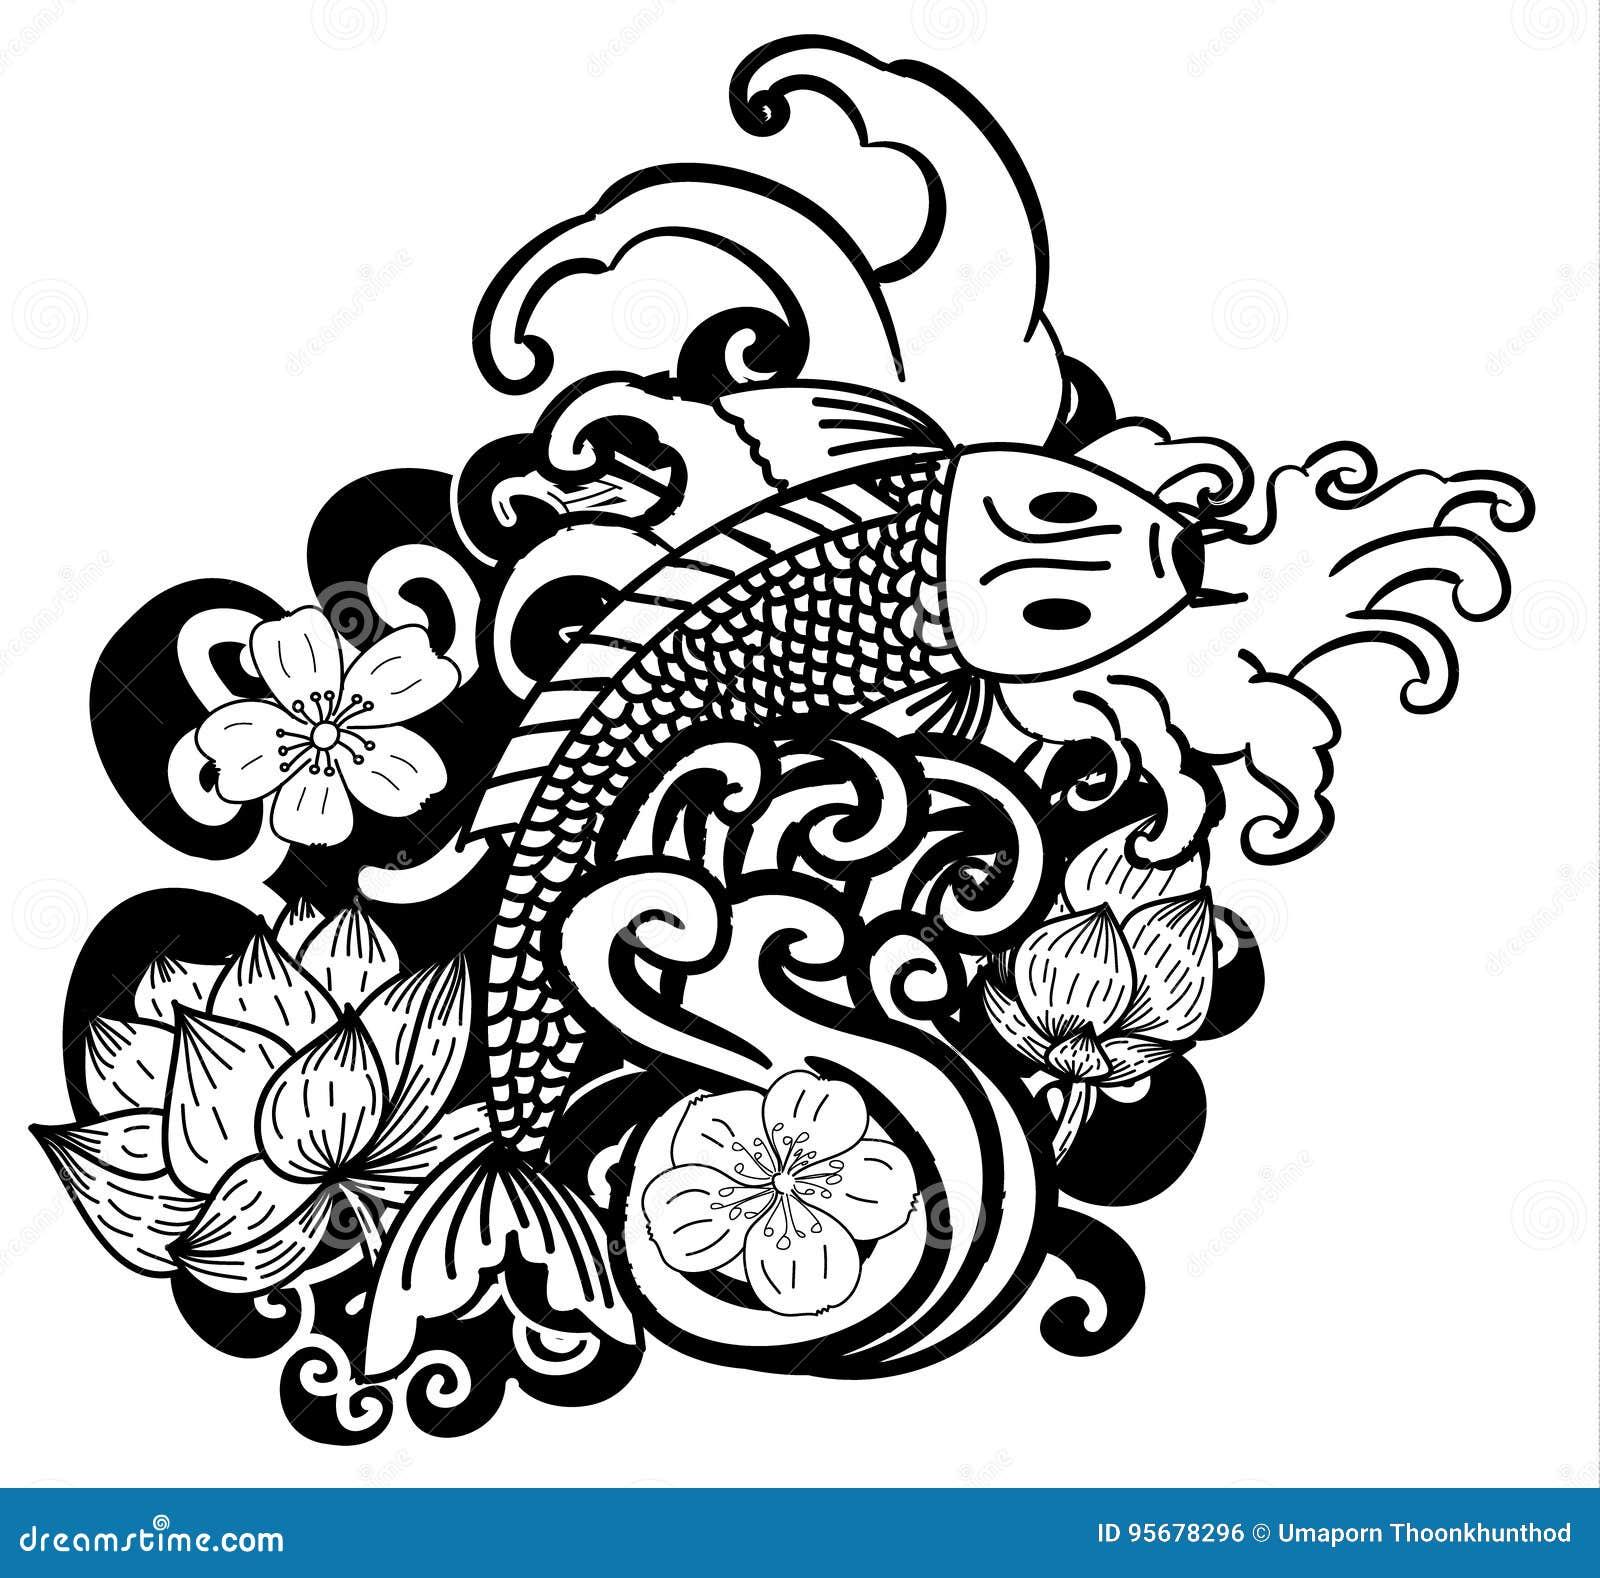 Beautiful Doodle Art Koi Carp Tattoo Design Stock Vector